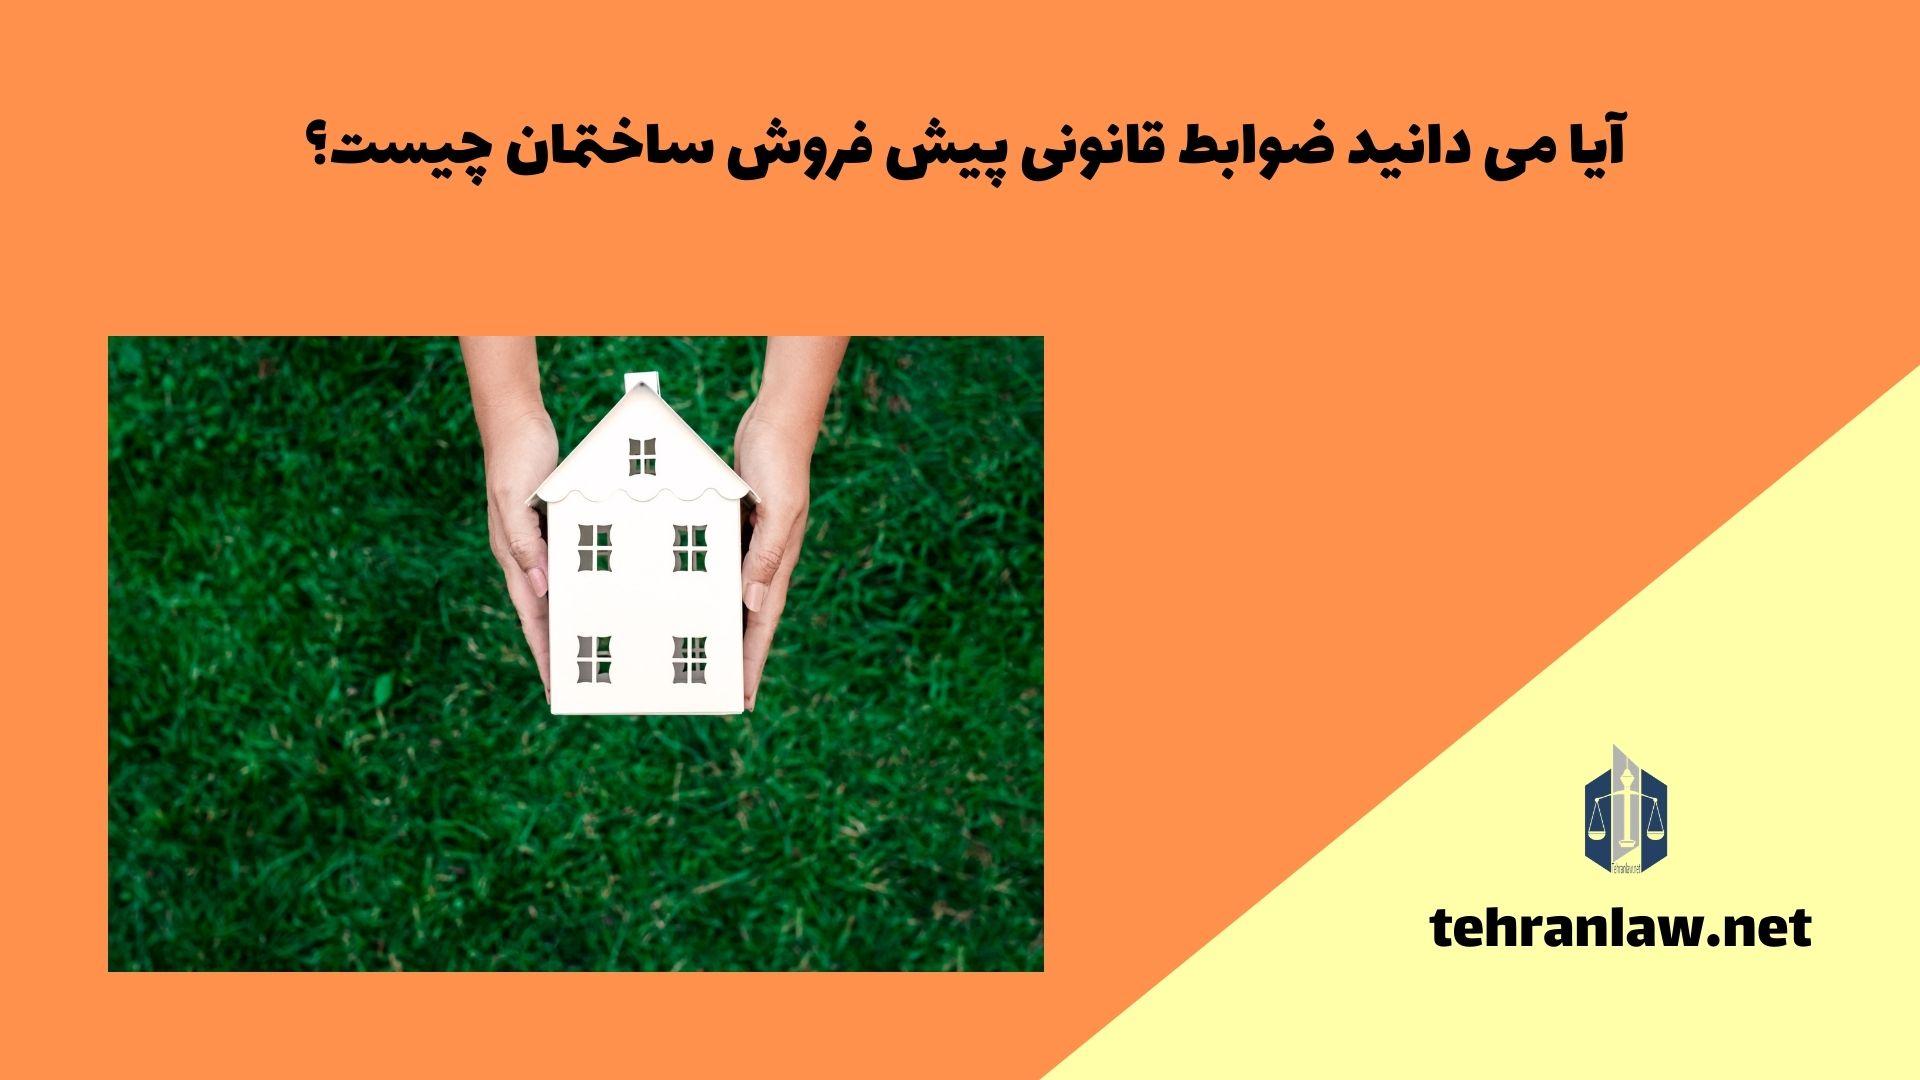 آیا می دانید که ضوابط قانونی پیش فروش ساختمان چیست؟